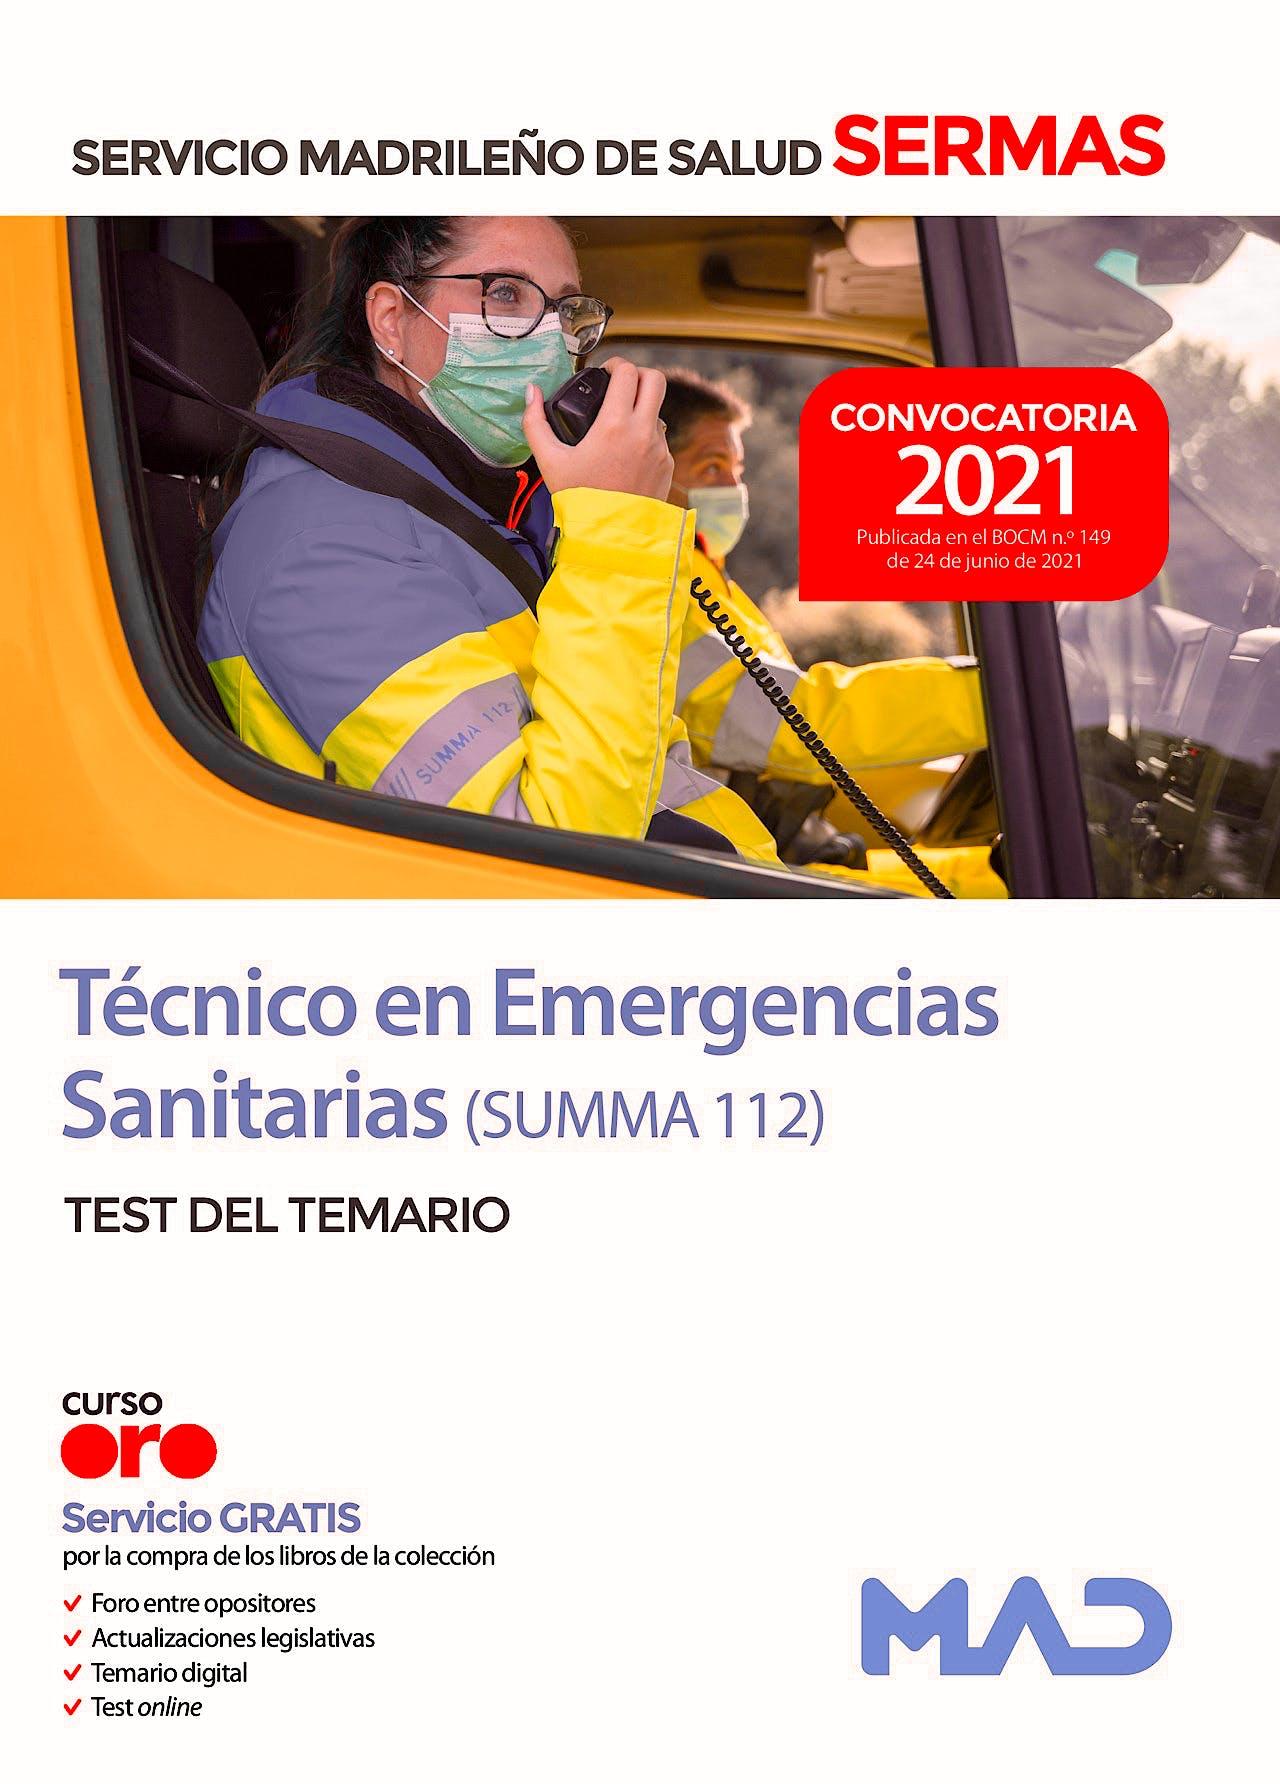 Portada del libro 9788414247297 Técnico en Emergencias Sanitarias SUMMA 112 del Servicio Madrileño de Salud (SERMAS). Test del Temario